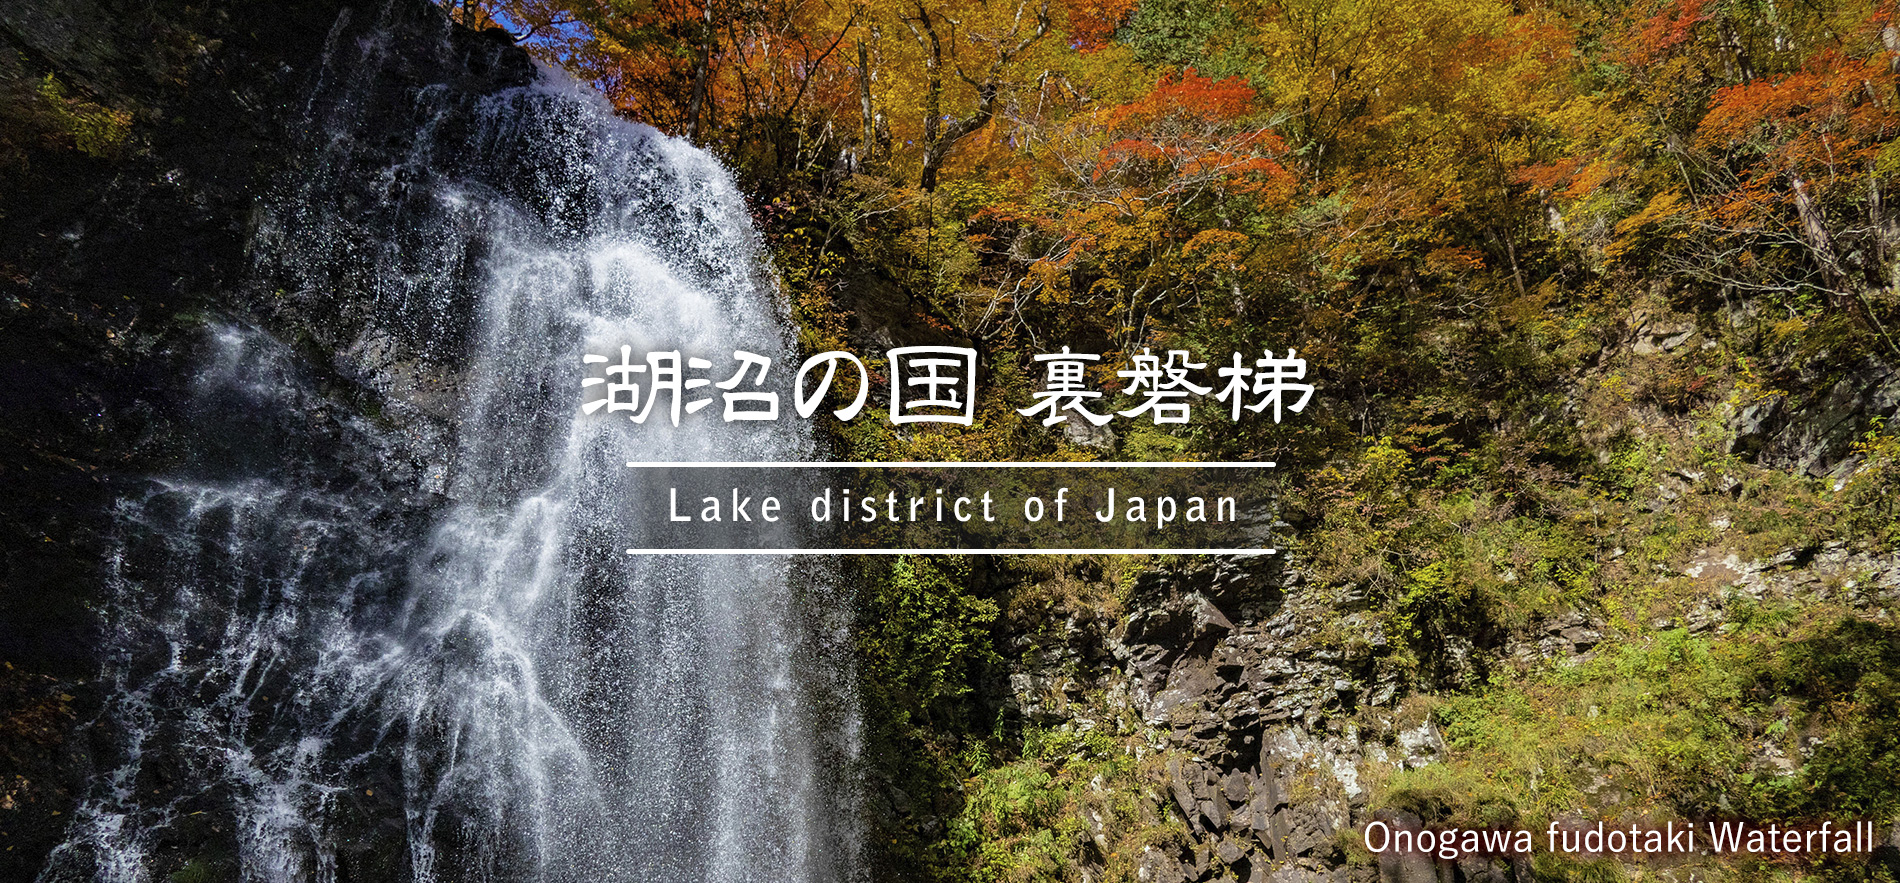 Onogawa Fudotaki Waterfall